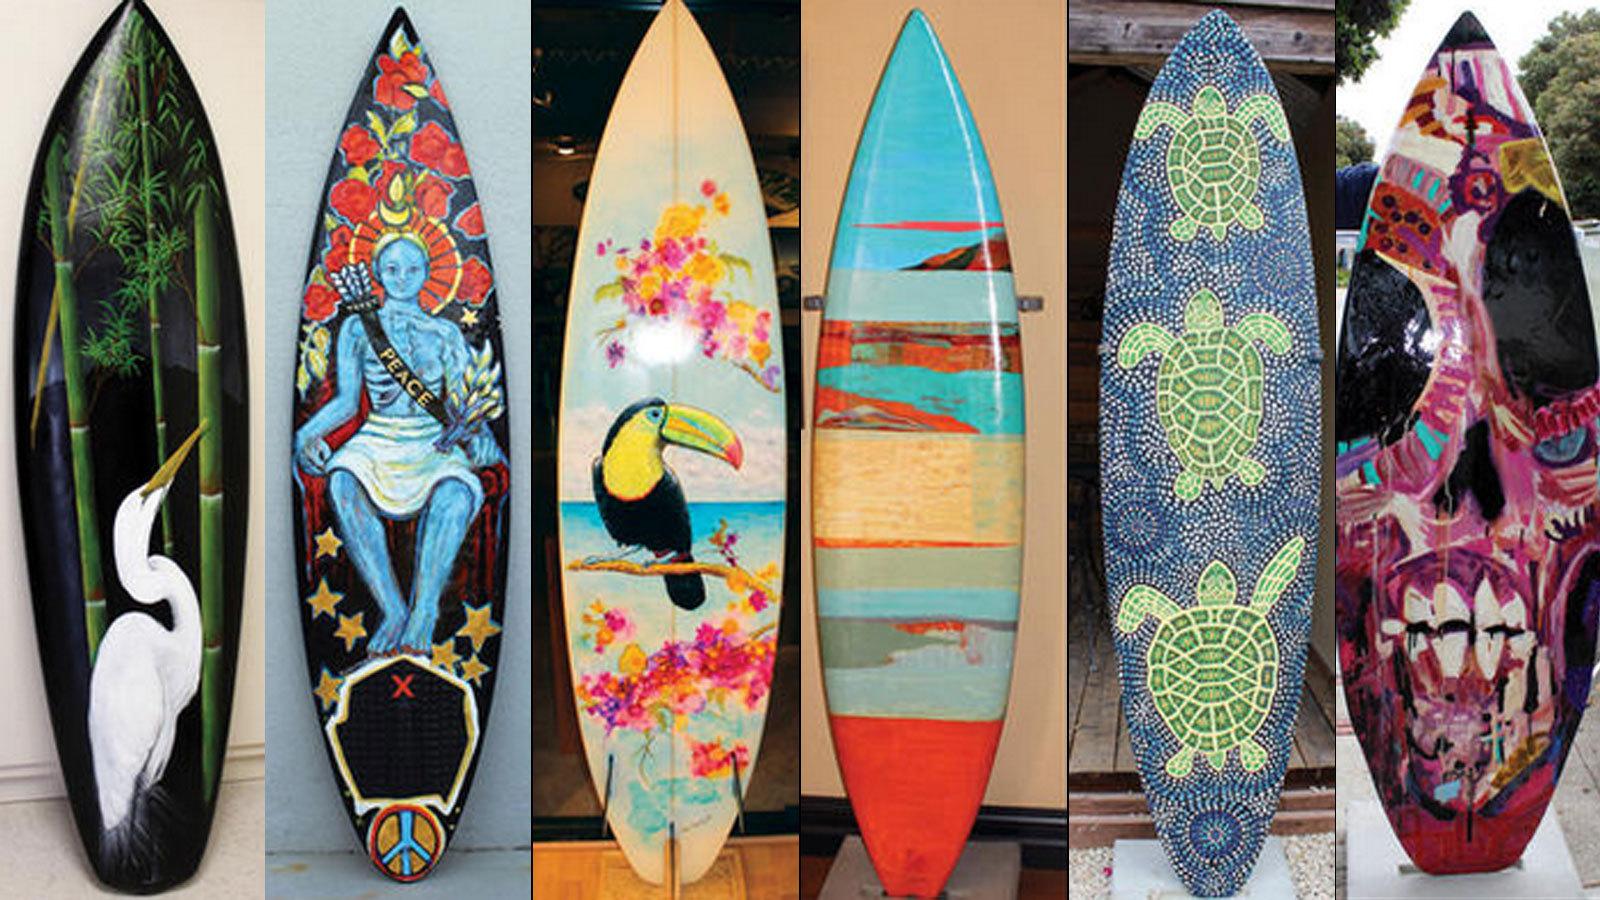 Surfboards art in Morro Bay surfboard art festival